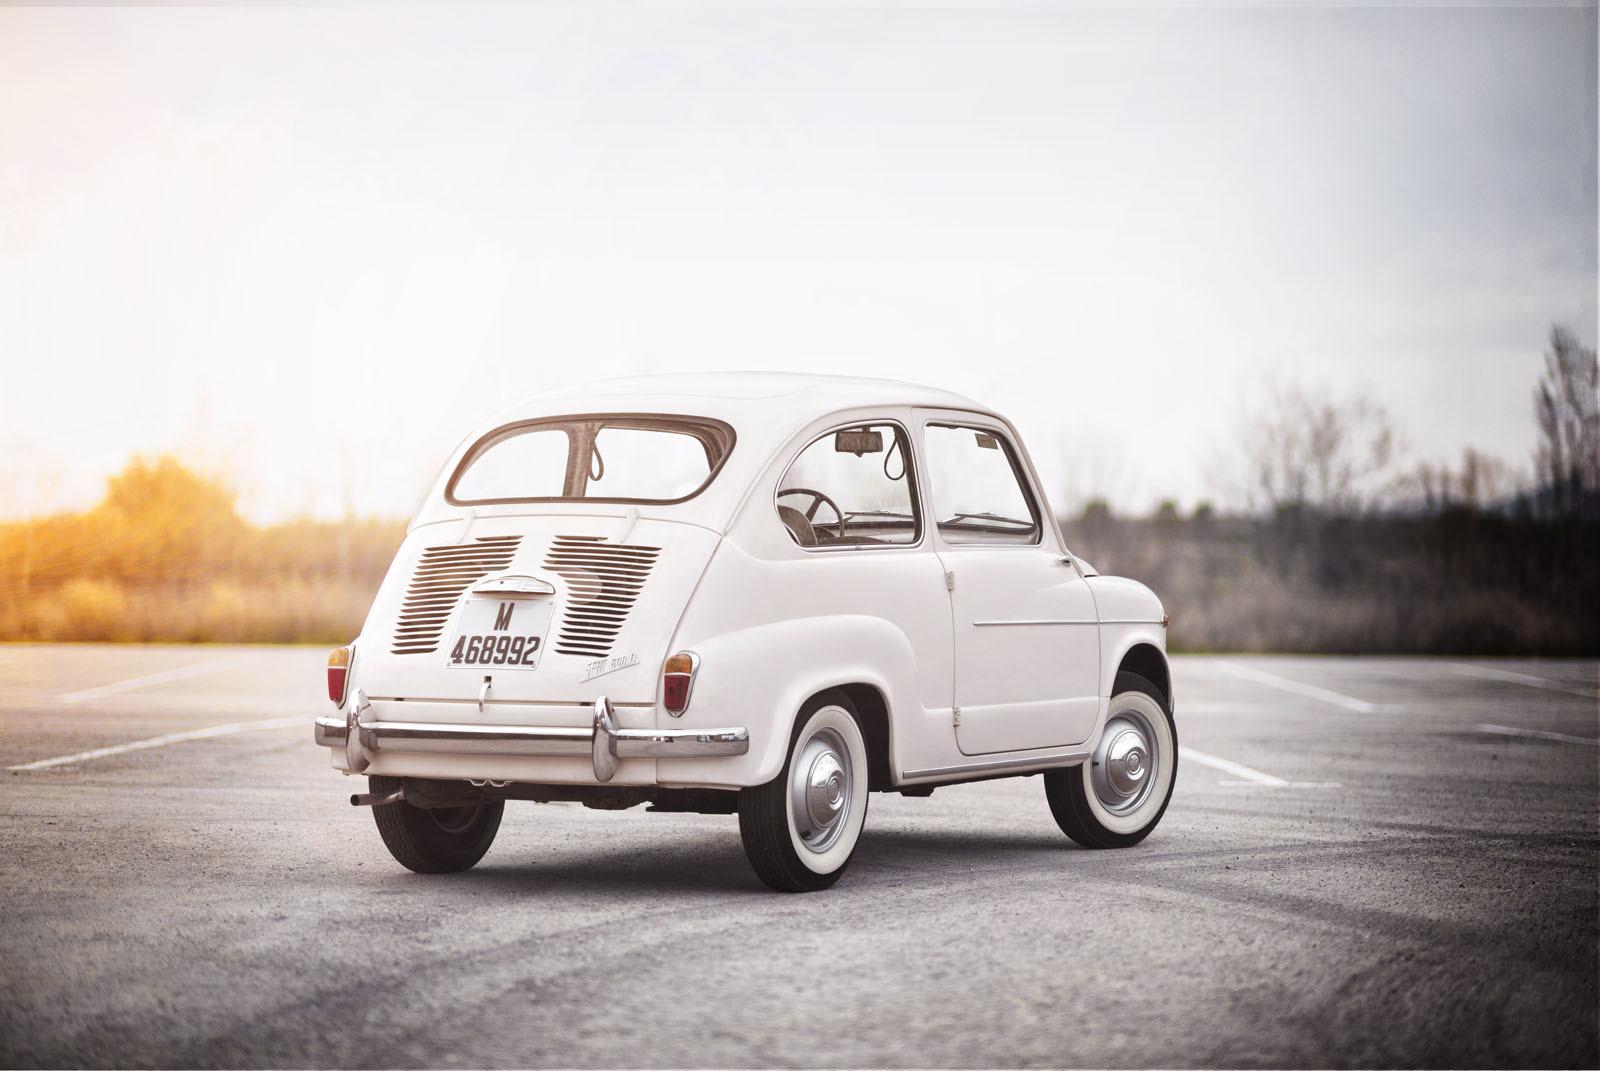 Foto de SEAT 600 (50 Aniversario) (11/64)